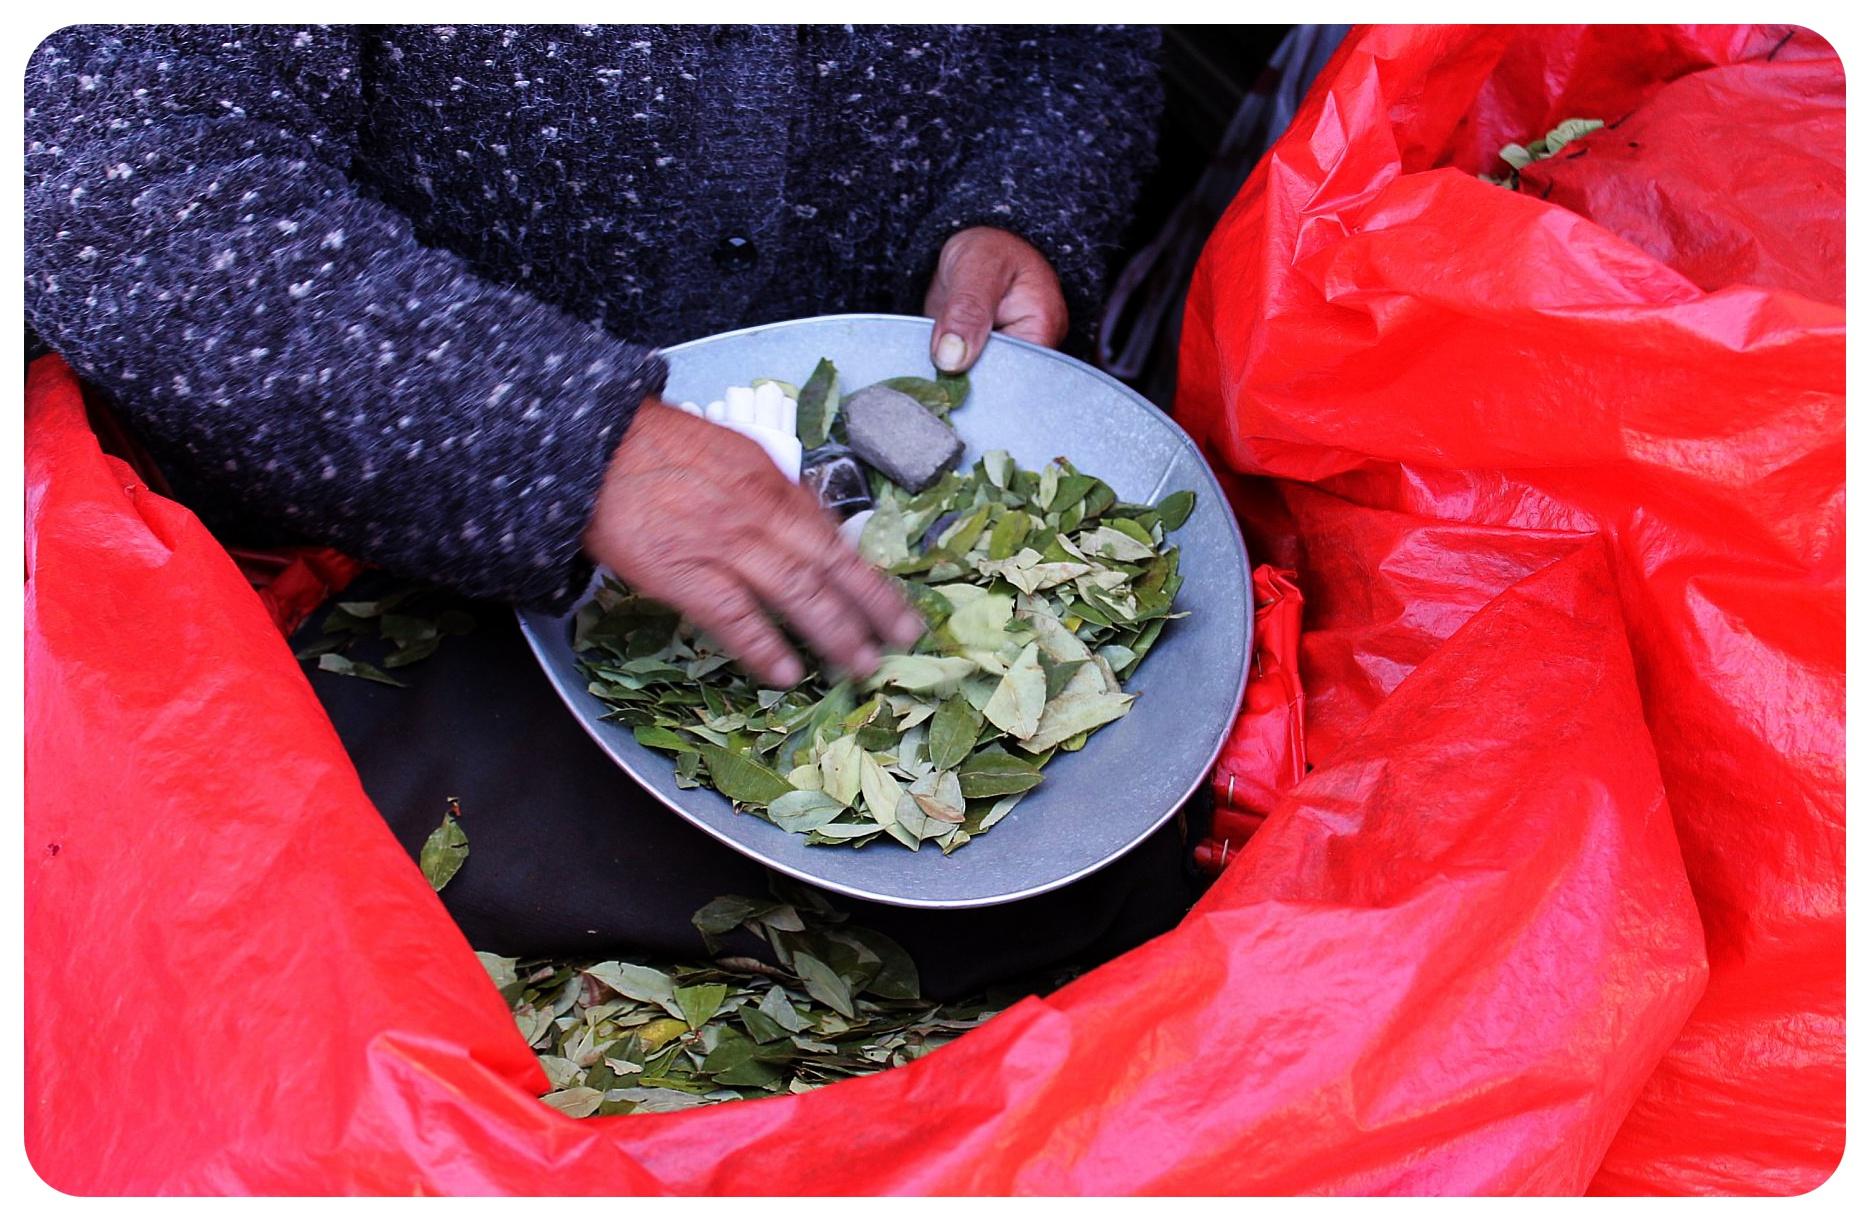 potosi coca leaves vendor